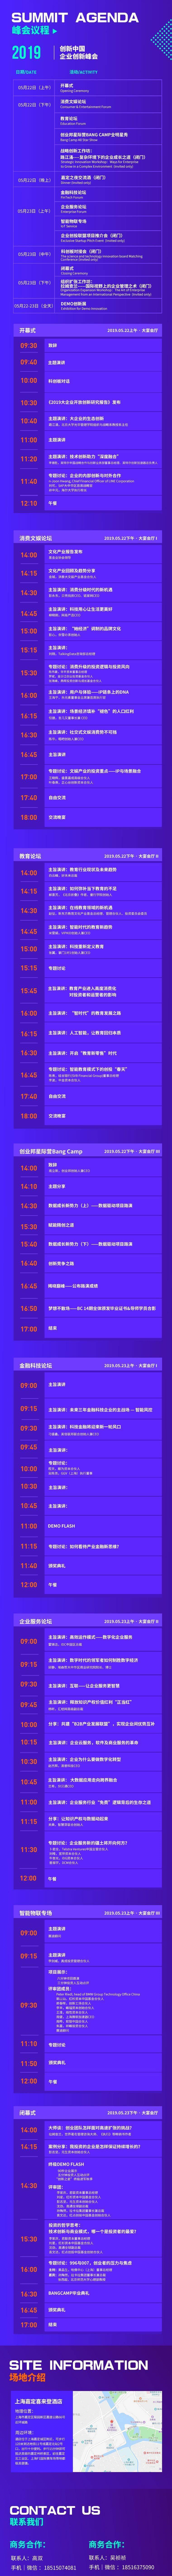 创新中国春季峰会2(N4).jpg